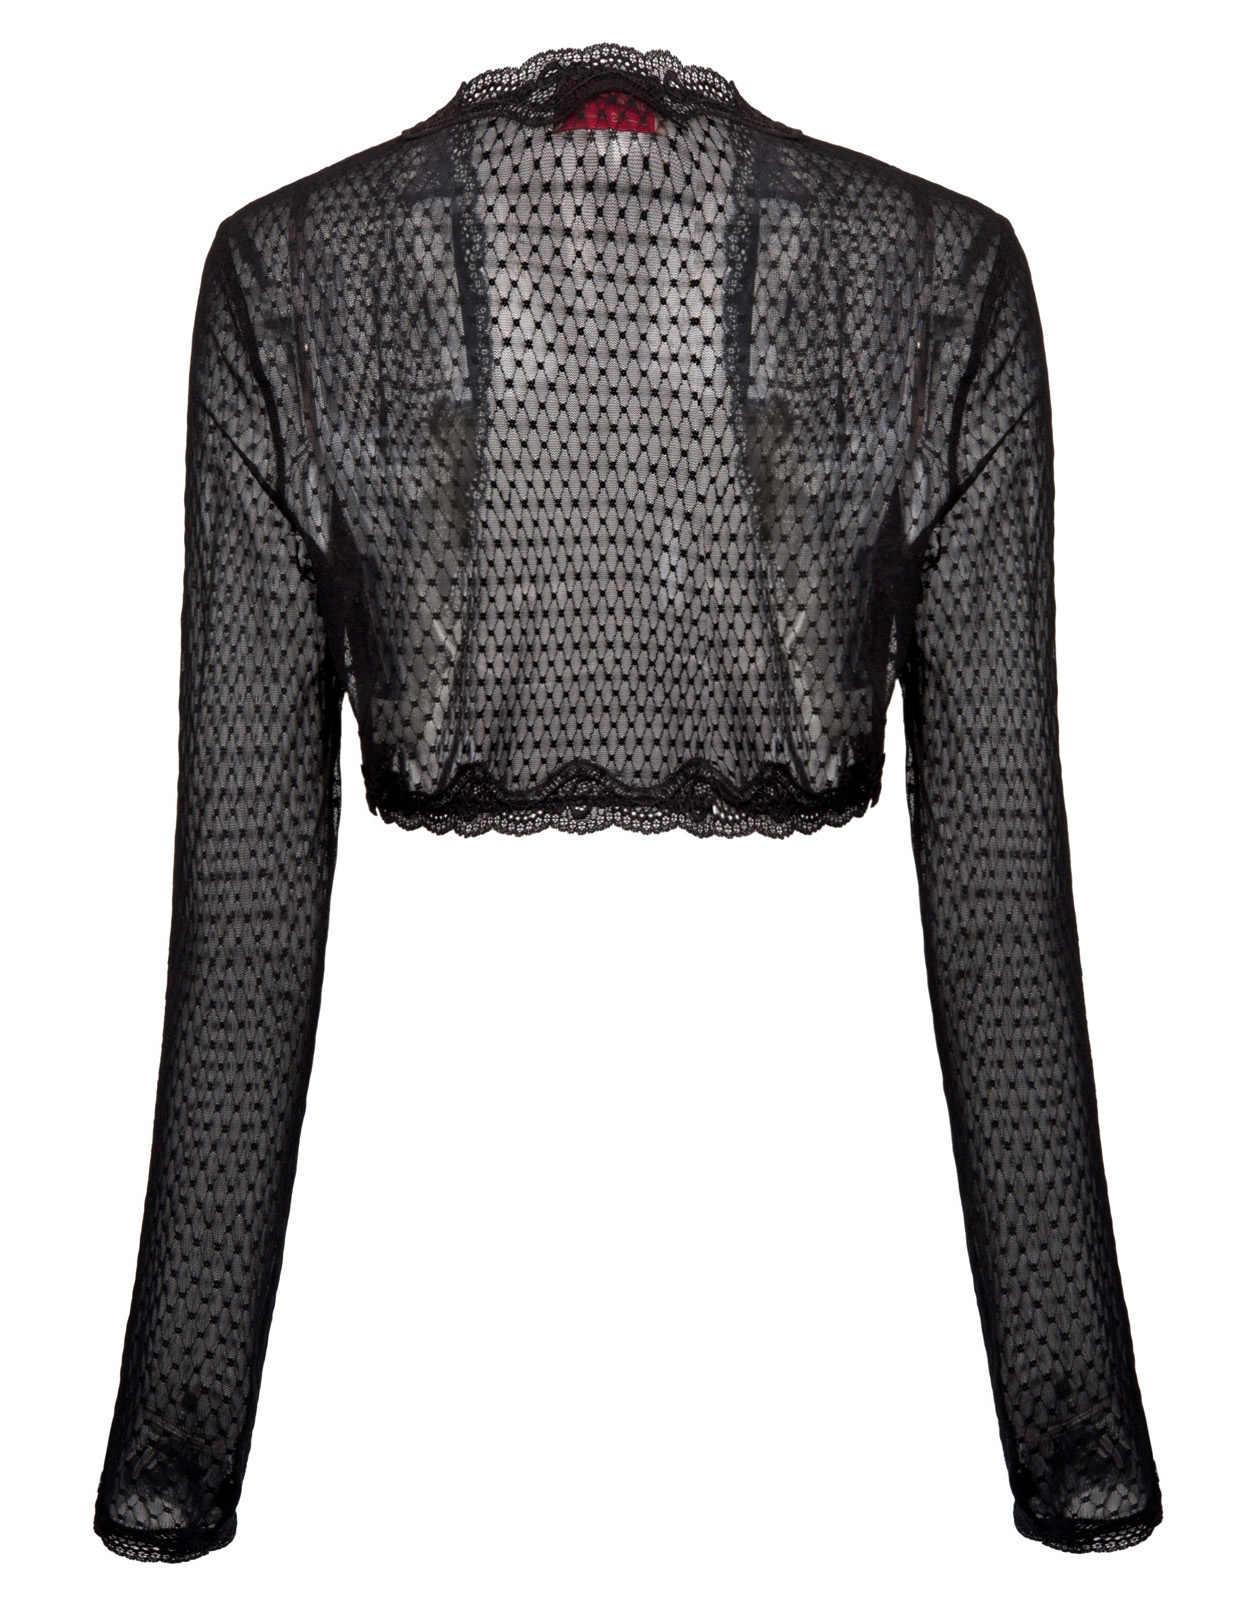 Женские кружевные болеро с длинным рукавом, кардиган, кроше, прозрачная укороченная куртка